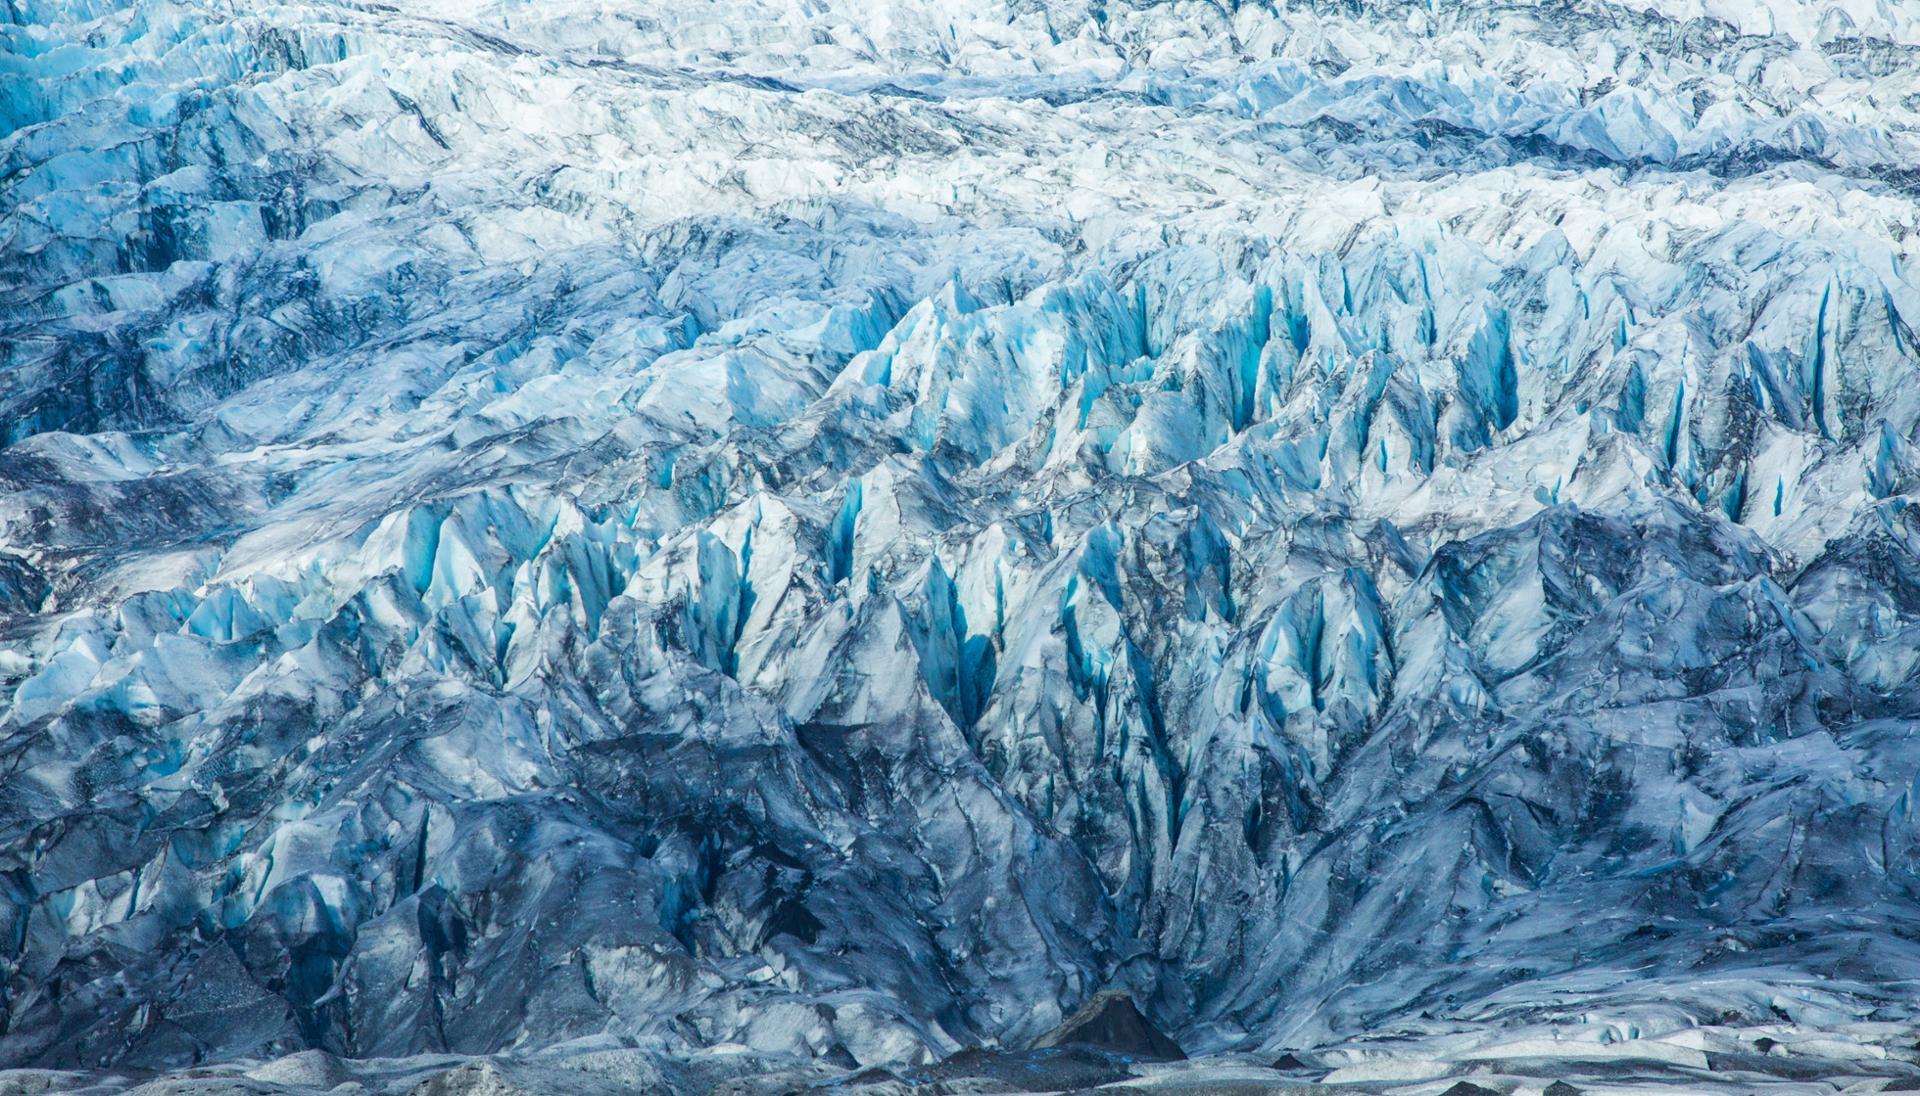 Le glacier graphique.